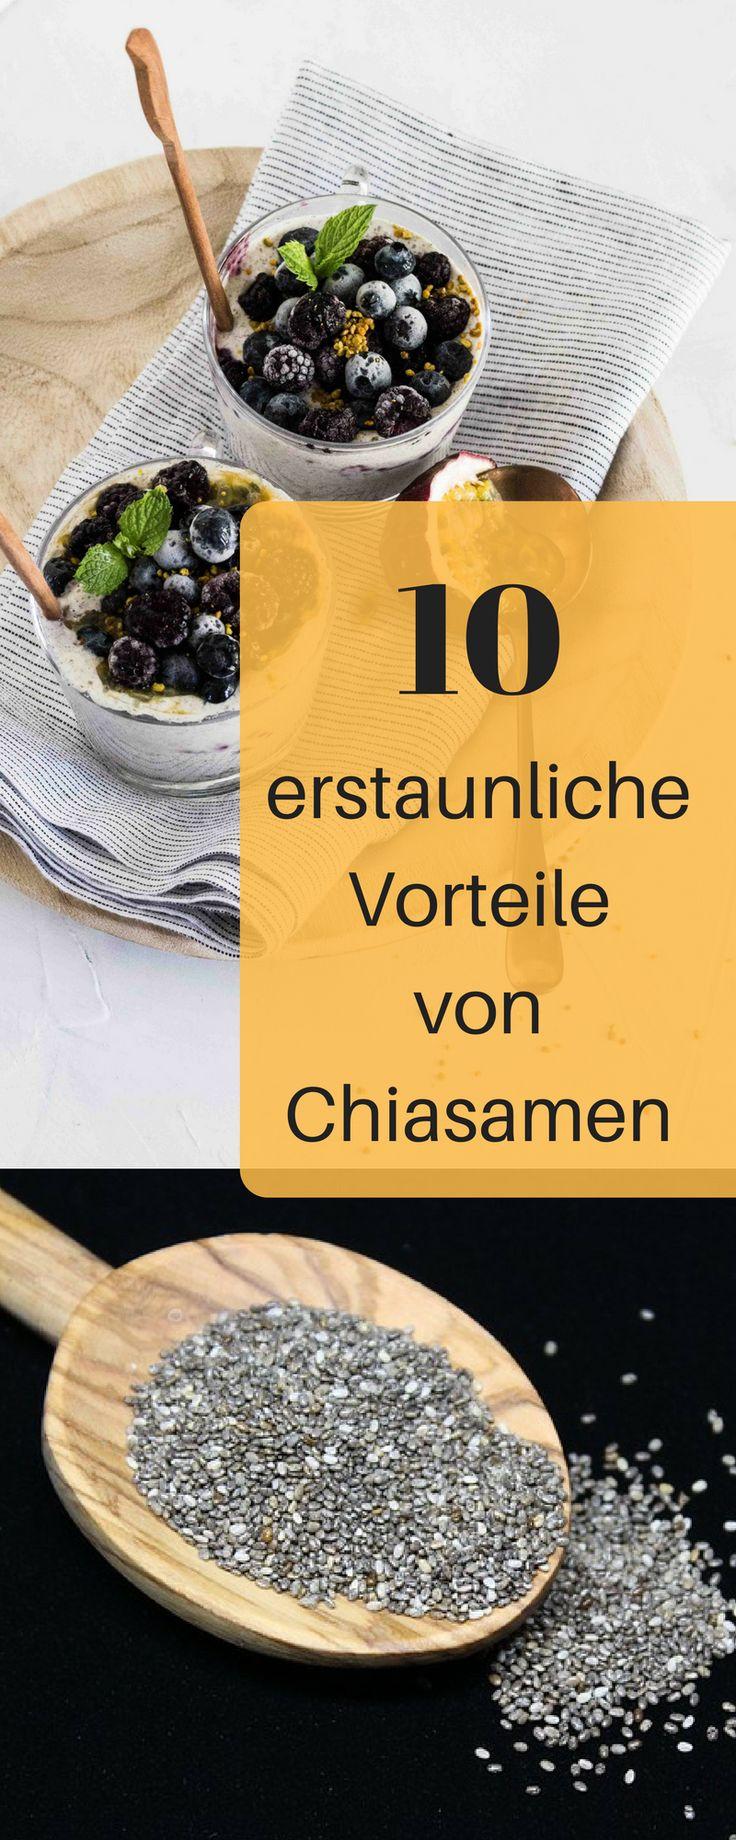 Chiasamen haben eine erstaunliche Wirkung. Man kann mit Chiasamen abnehmen, eine Darmreinigung machen und sie helfen bei unzähligen Krankheiten. Chiasamen Rezepte, Chiasamen Brot, Chiasamen gesund, Chiasamen Pudding, Chiasamen Frühsück, Chiasamen trinken, Chiasamen Zubereiten, Chiasamen giftig, Chiasamen zum Abnehmen Frühstück